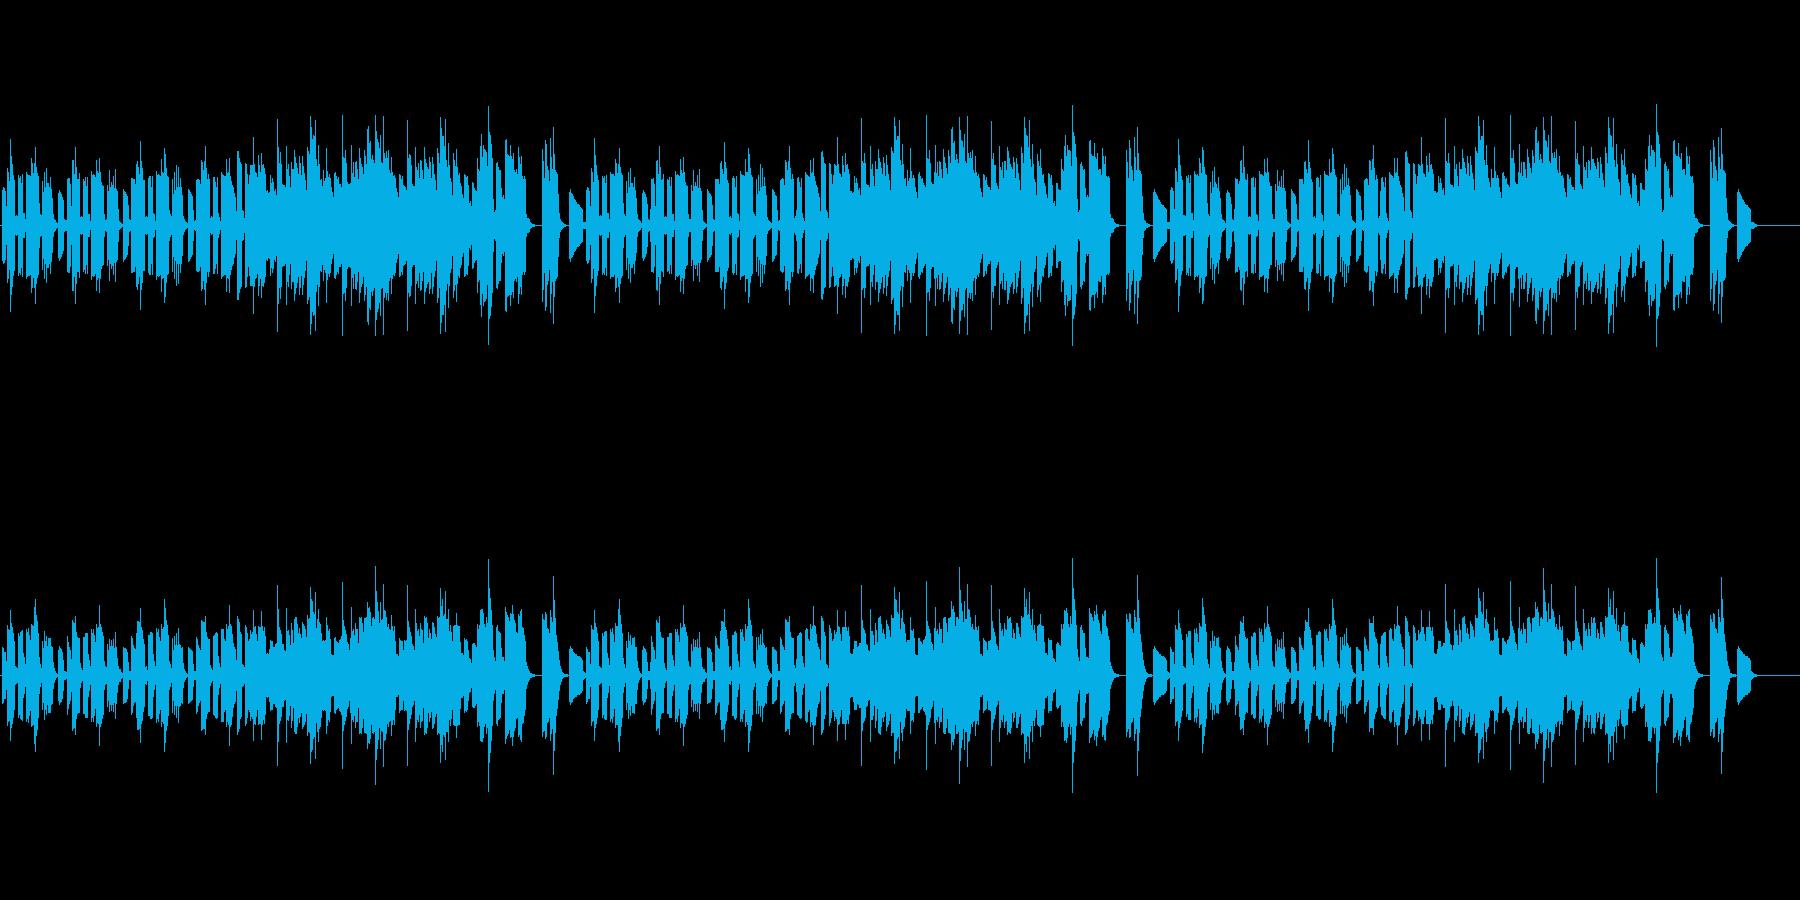 『?』何か気になったBGM/エレピソロの再生済みの波形